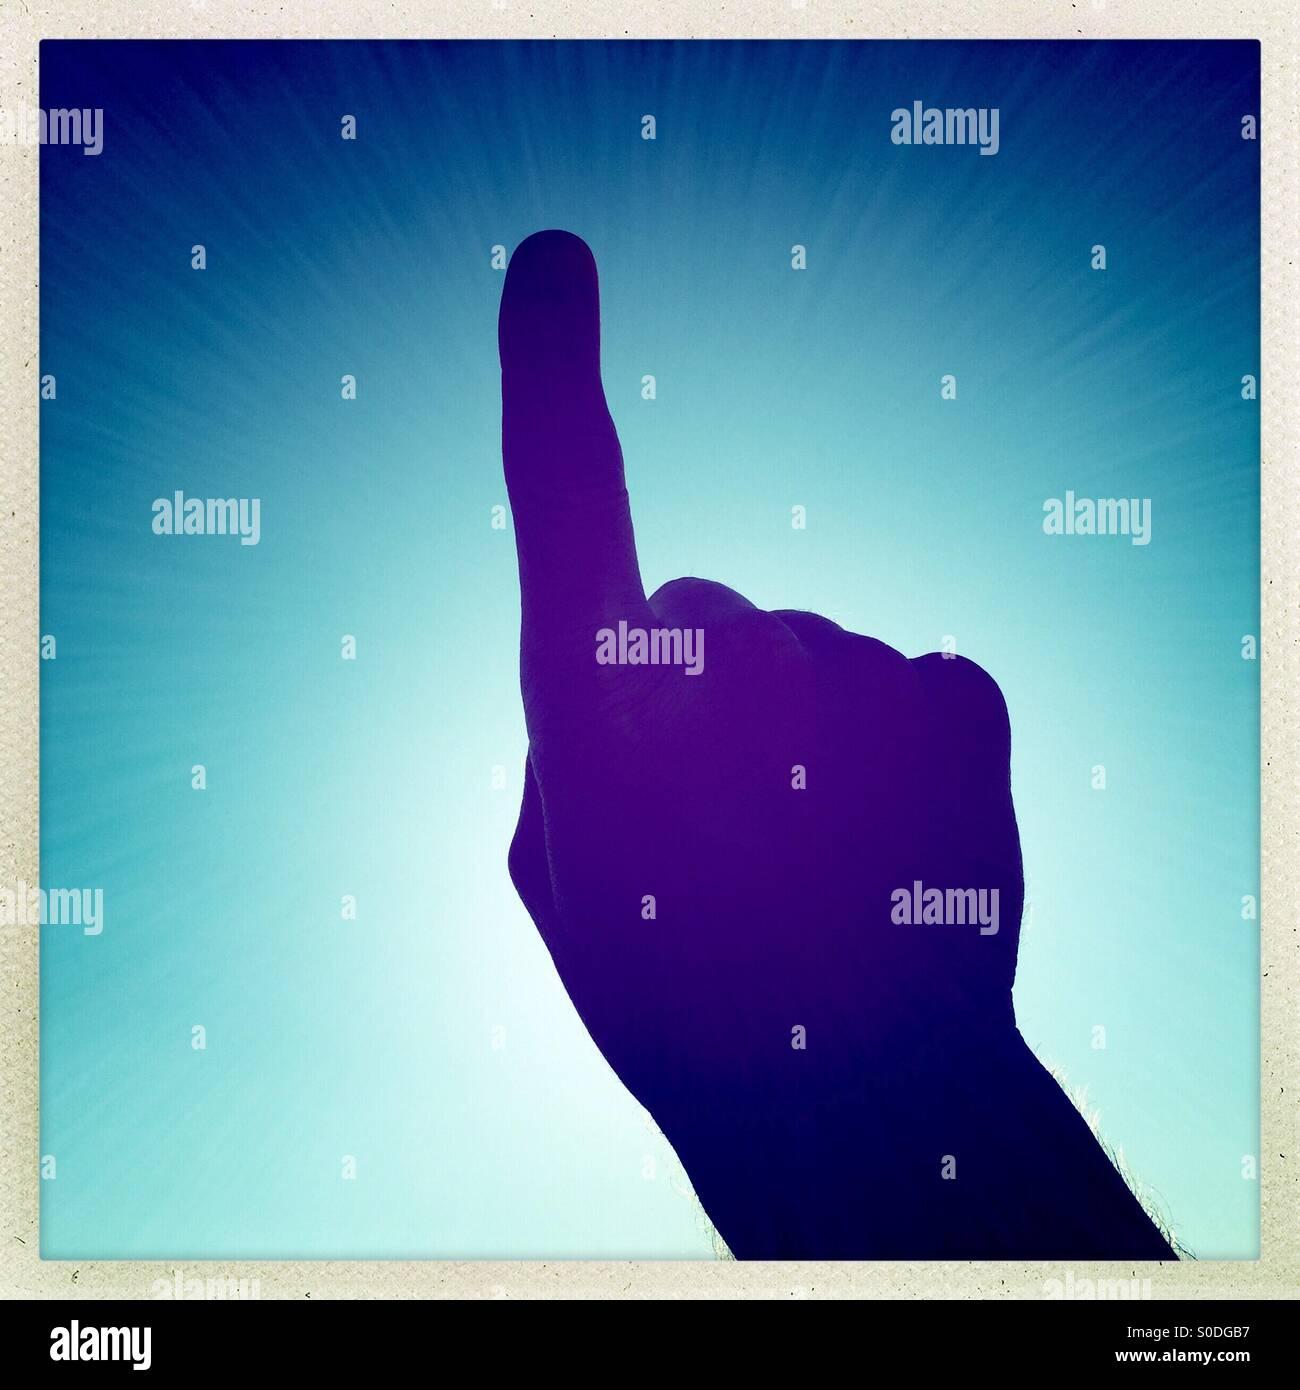 Un doigt soulevé contre le ciel bleu Photo Stock